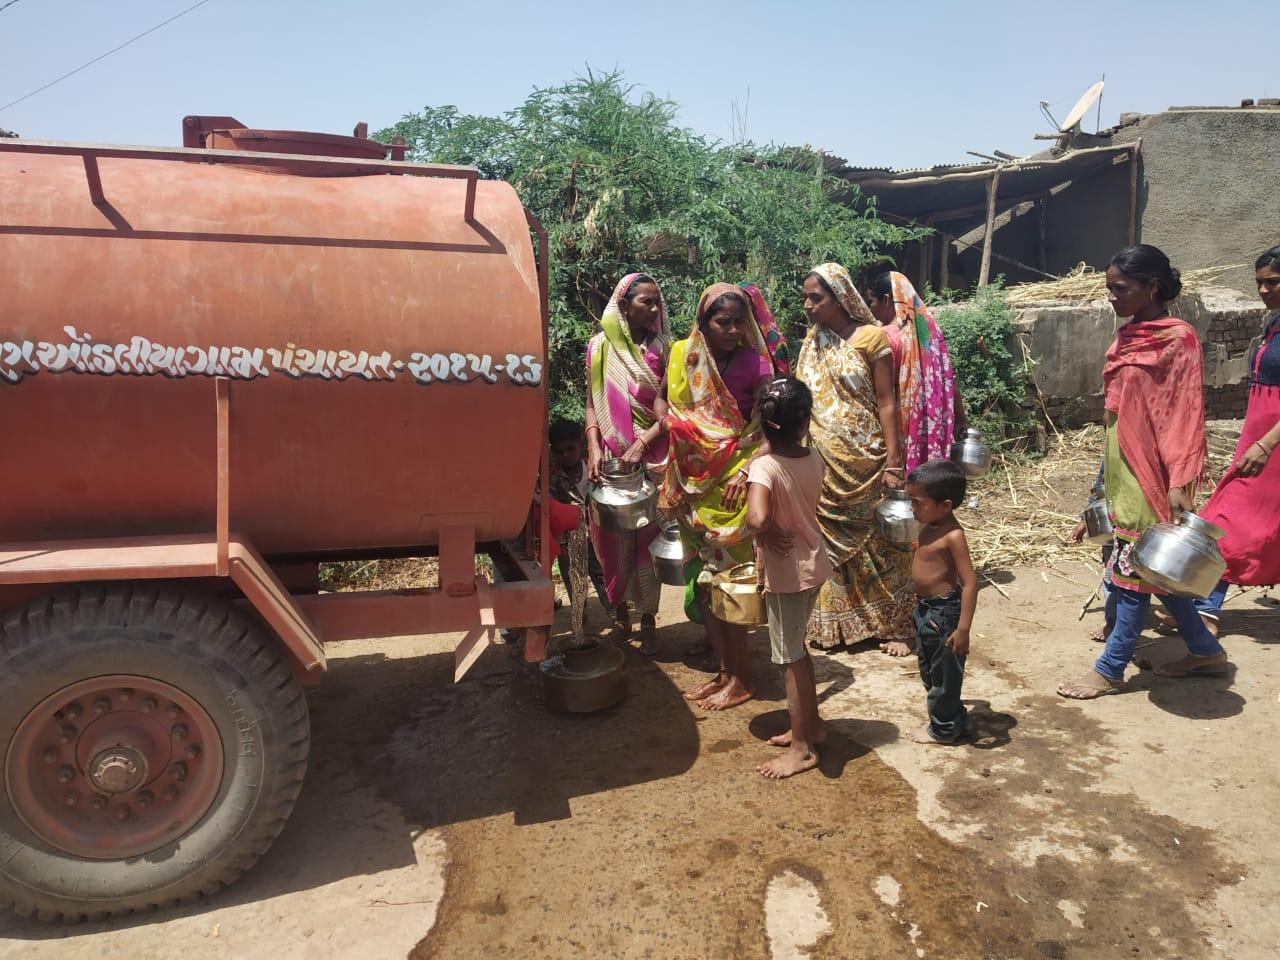 રાજપીપળા: વાઘઉમરના પેટા ફળિયા, ખાડી વિસ્તારમાં ટેન્કર દ્વારા પીવાના પાણીની યુદ્ધના ધોરણે શરૂ કરાયેલી સુવિધા